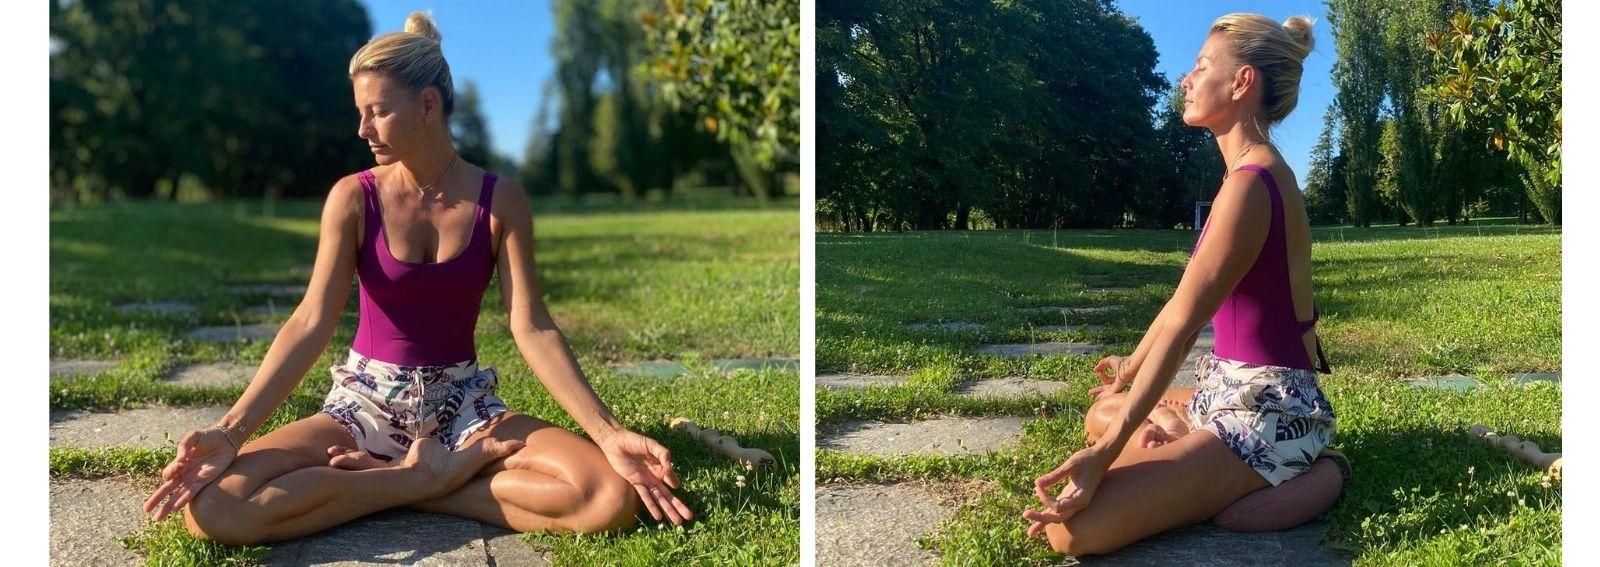 Federica Fontana yoga e meditazione salute e benessere psicofisico DESK